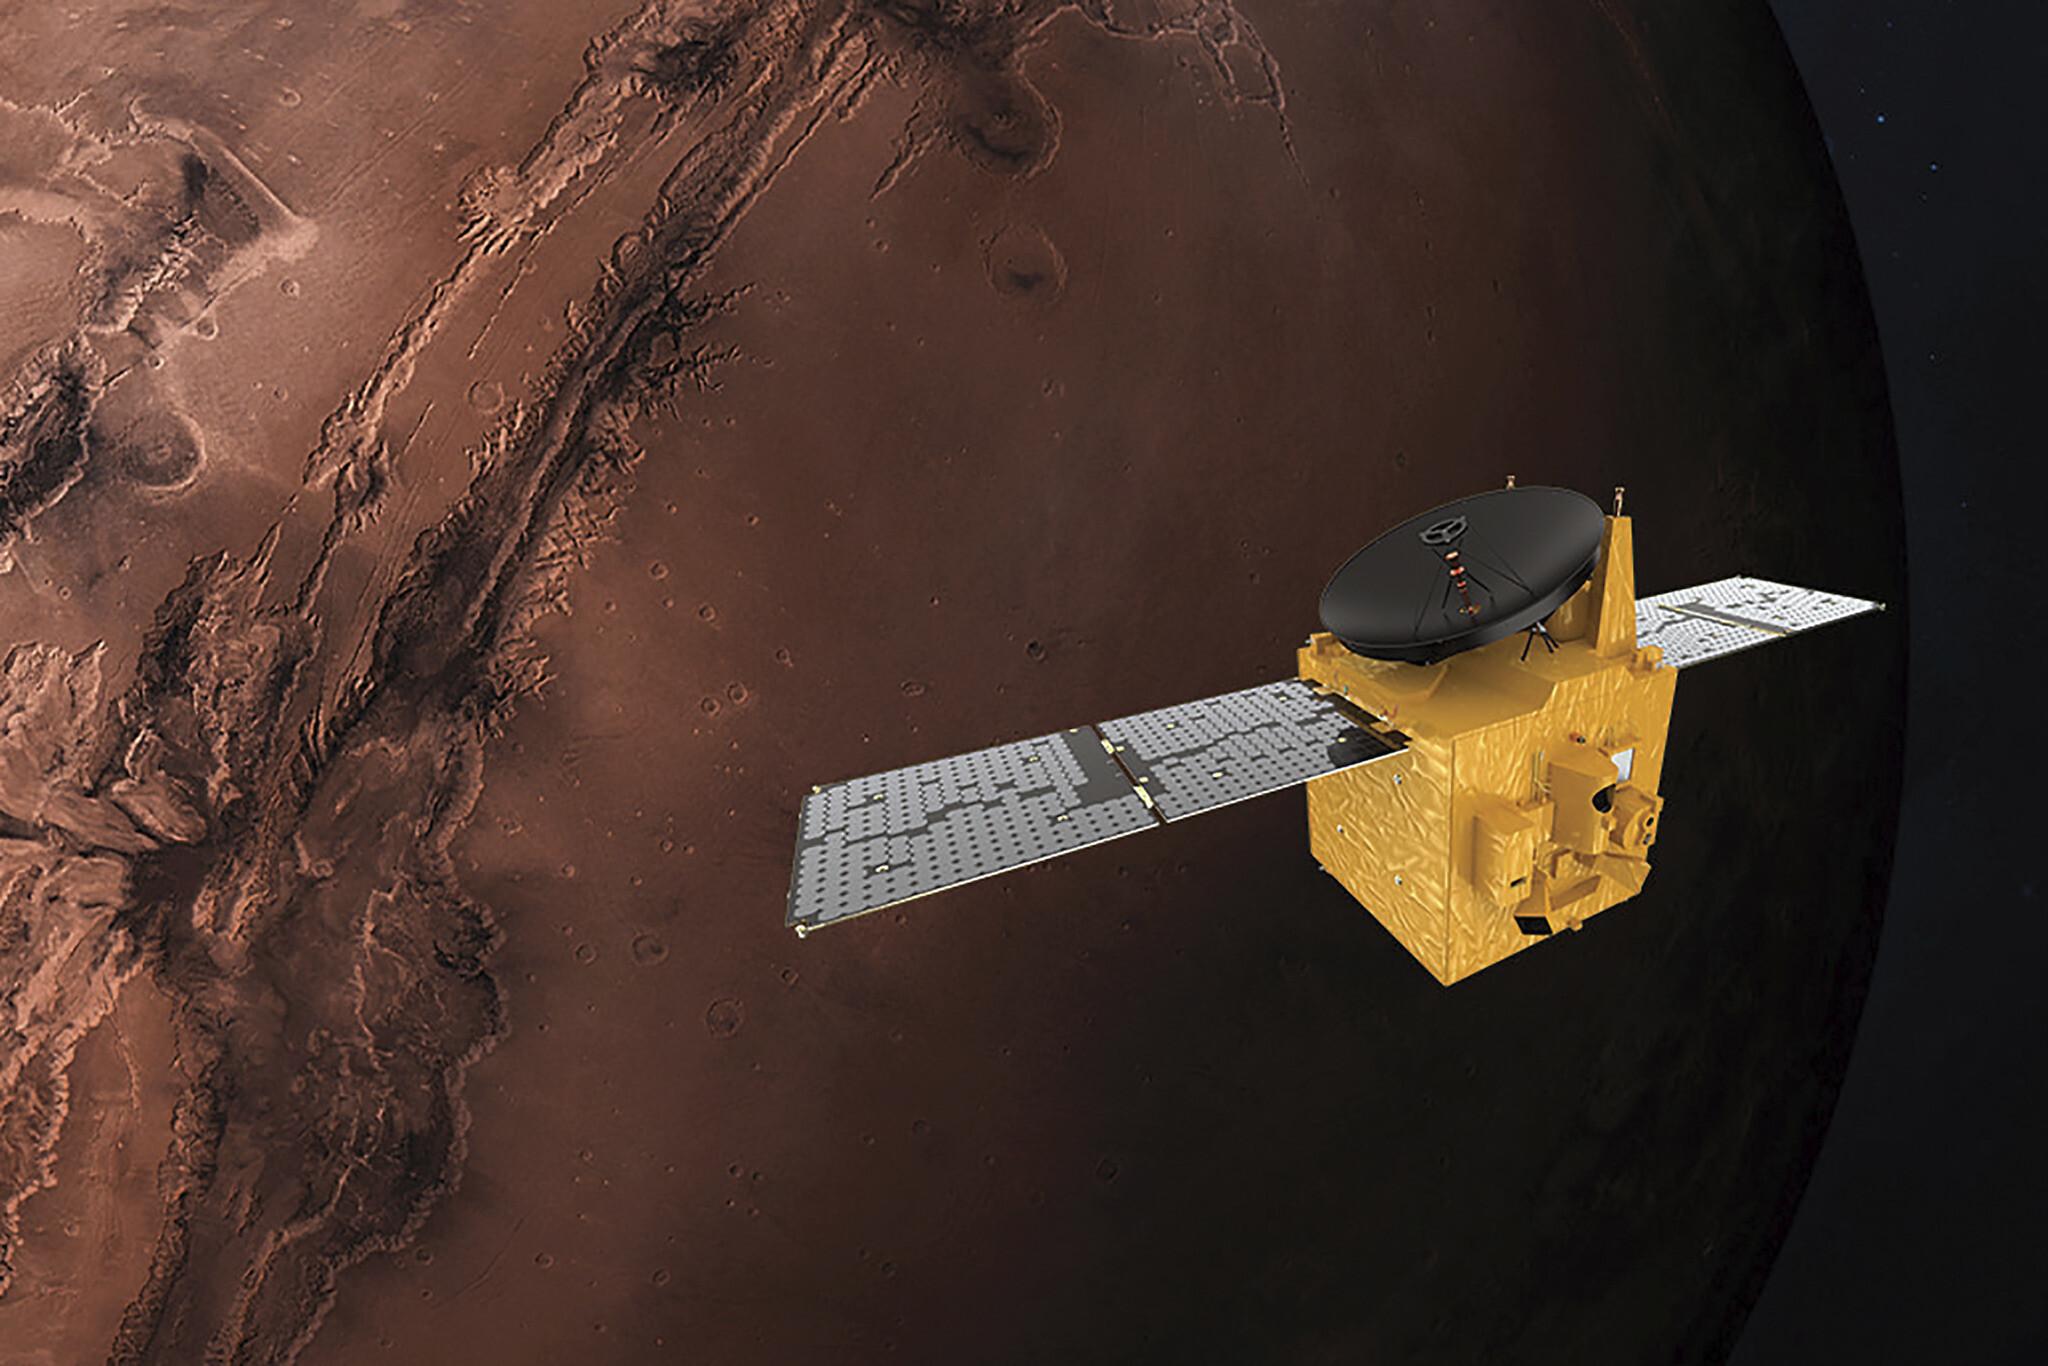 Китайский зонд Tianwen-1 успешно вышел на орбиту Марса